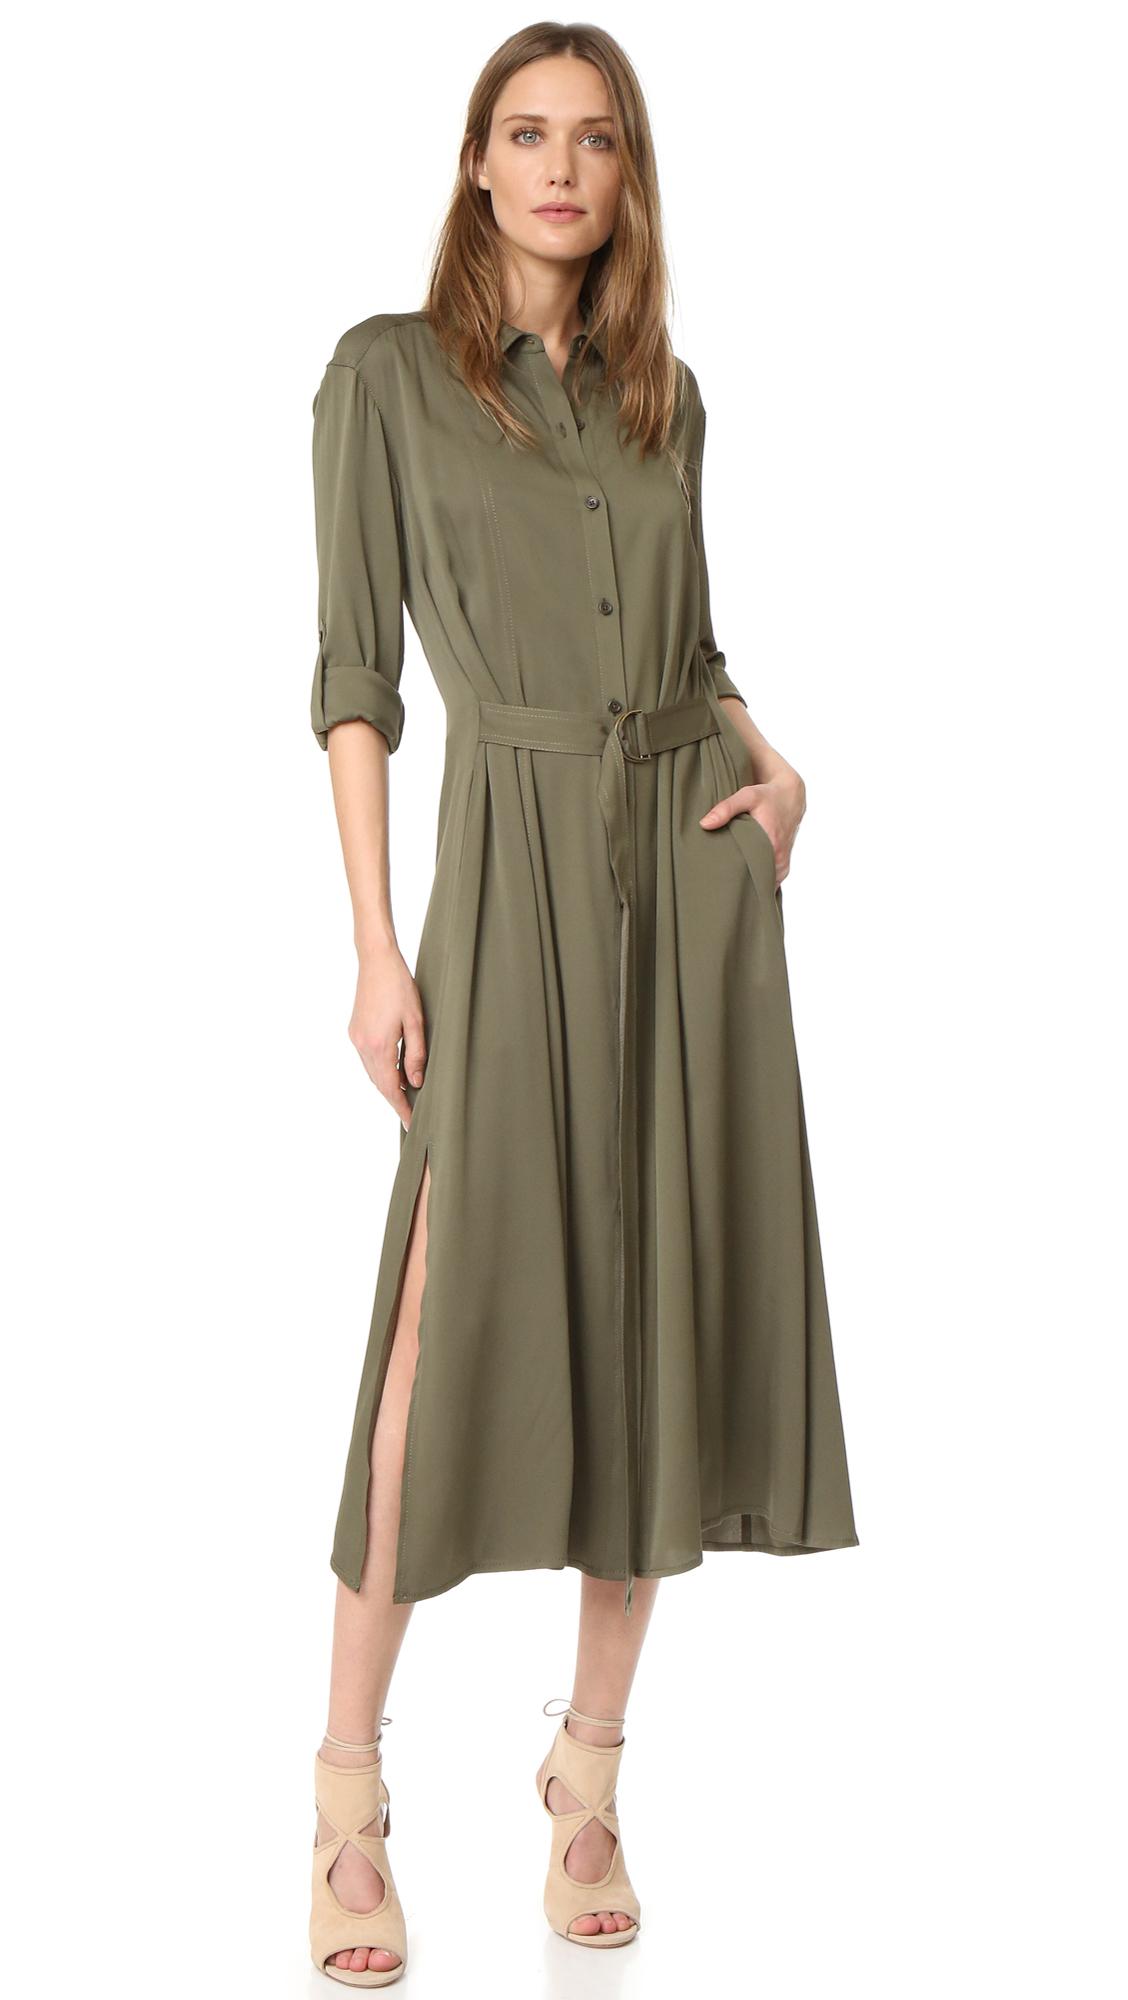 diane von furstenberg female diane von furstenberg clarise dress olive